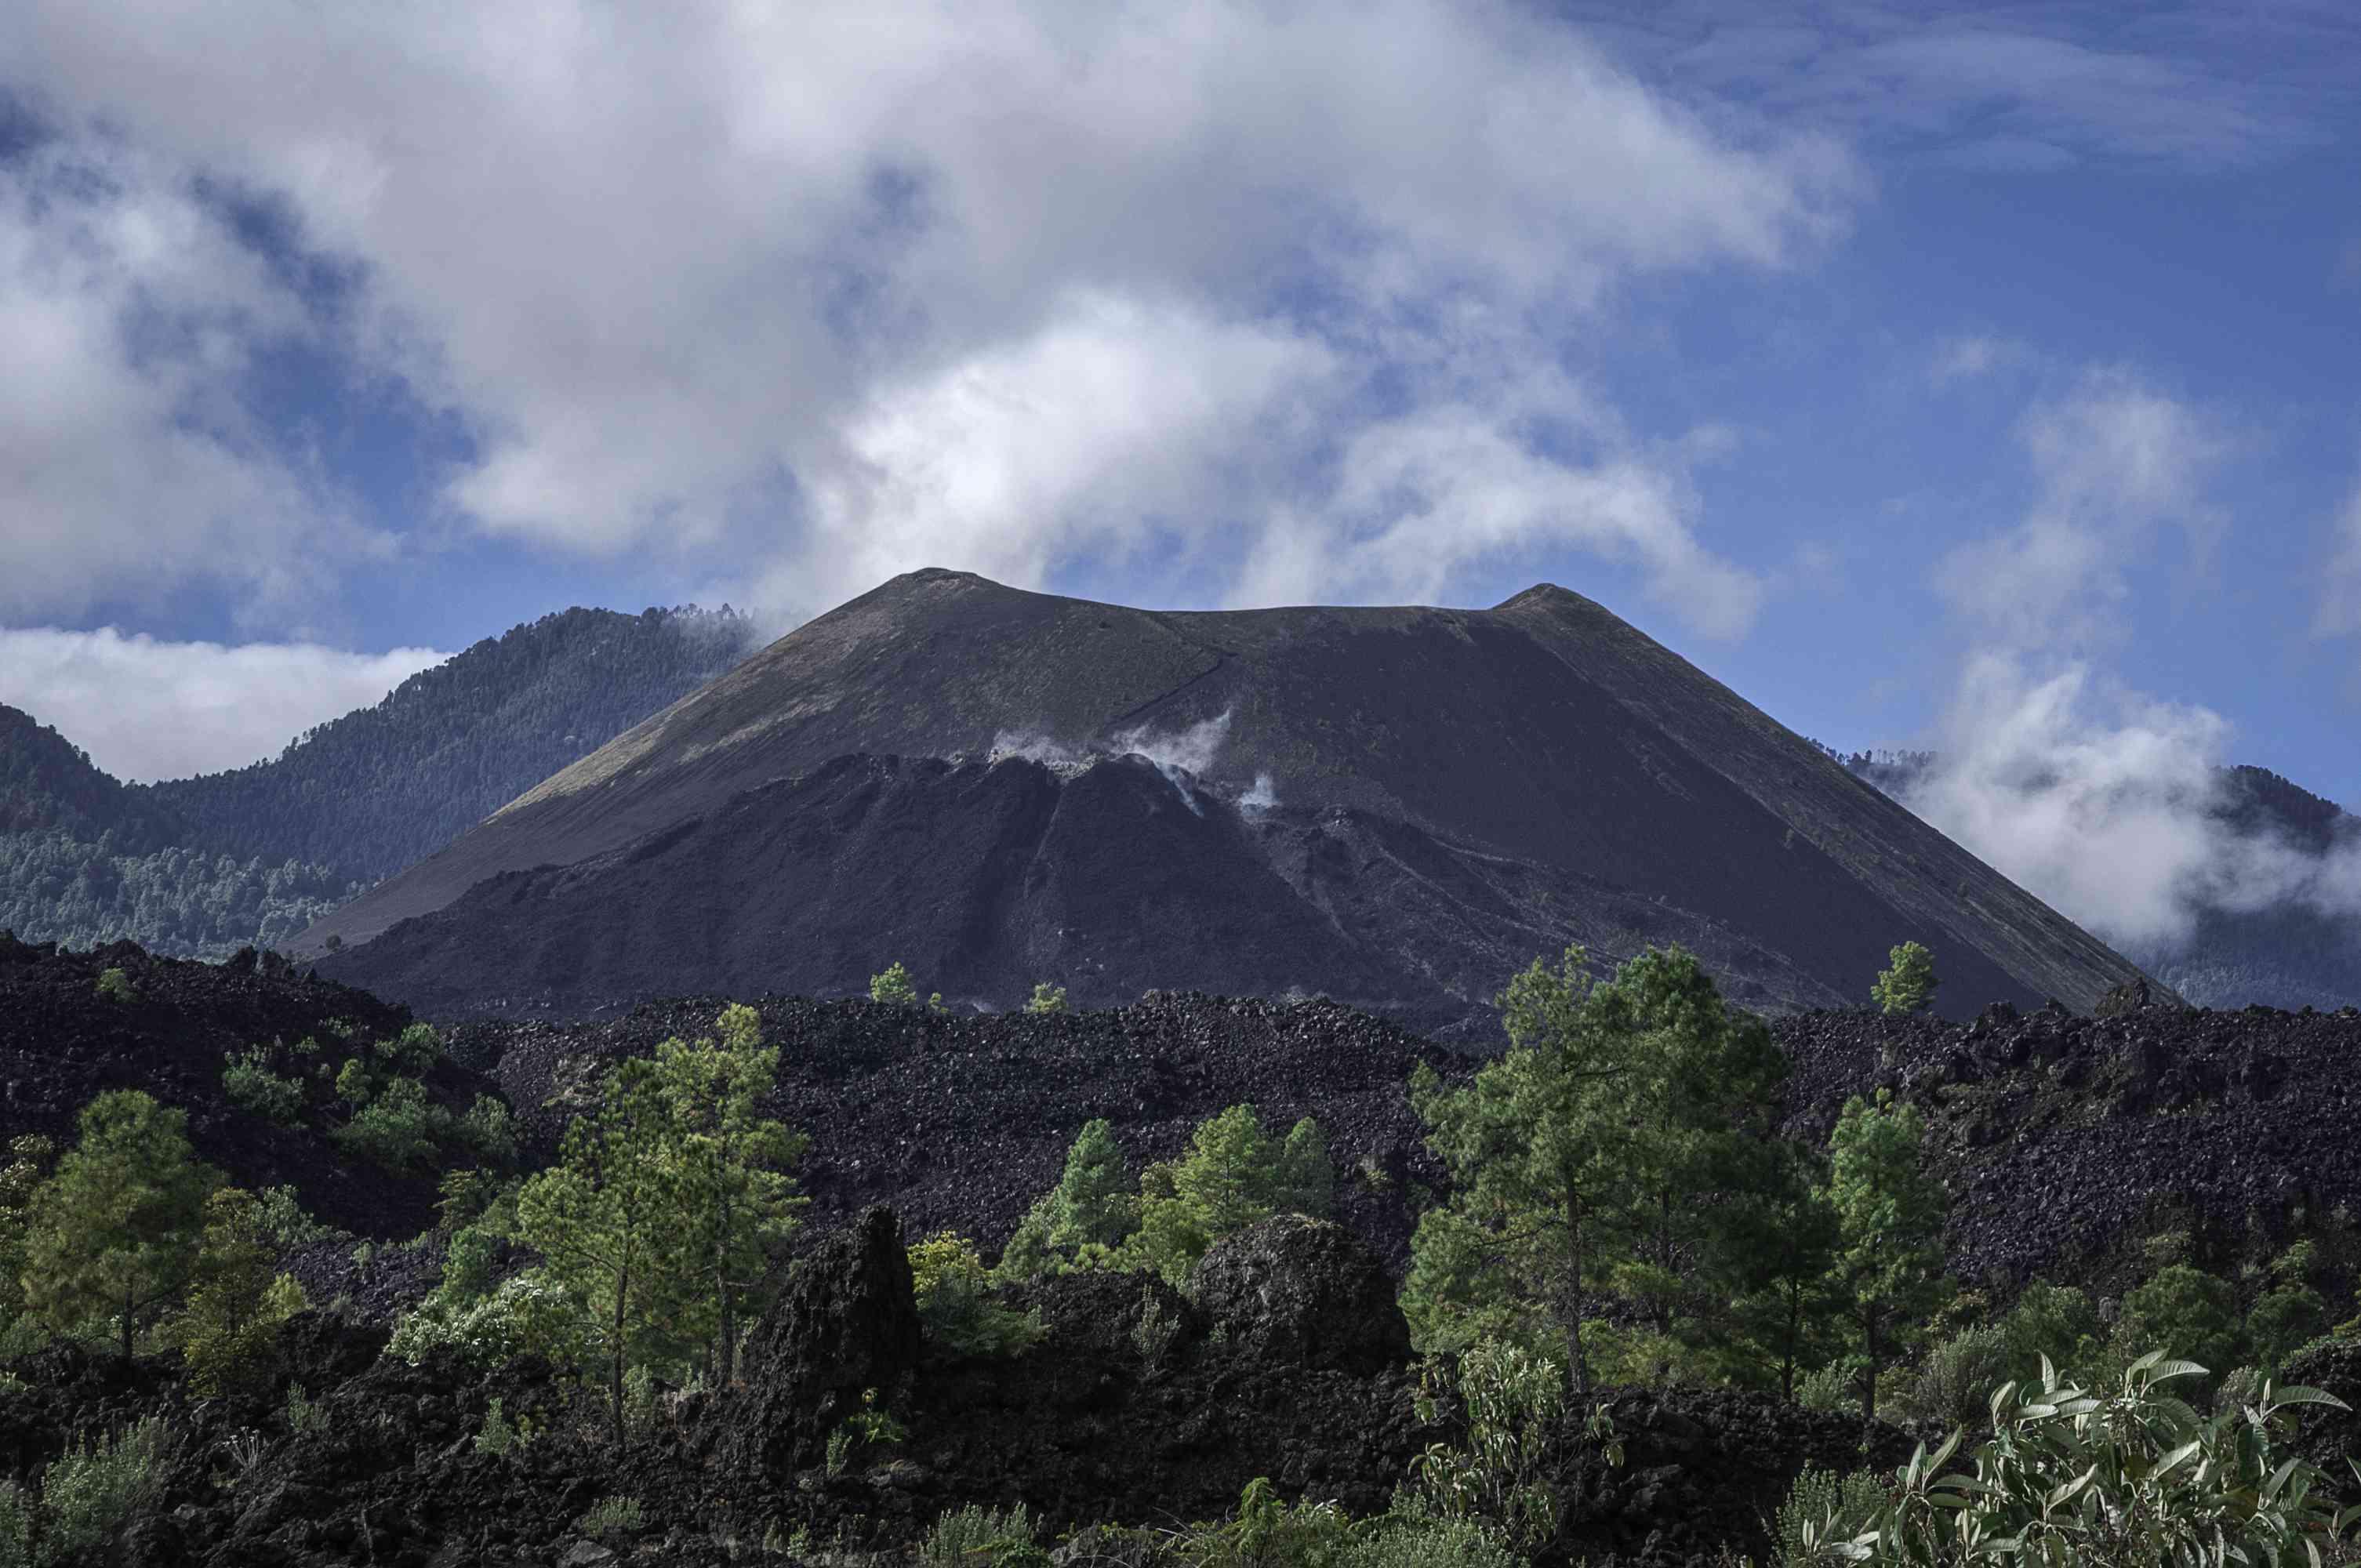 Paricutin Volcano in Mexico